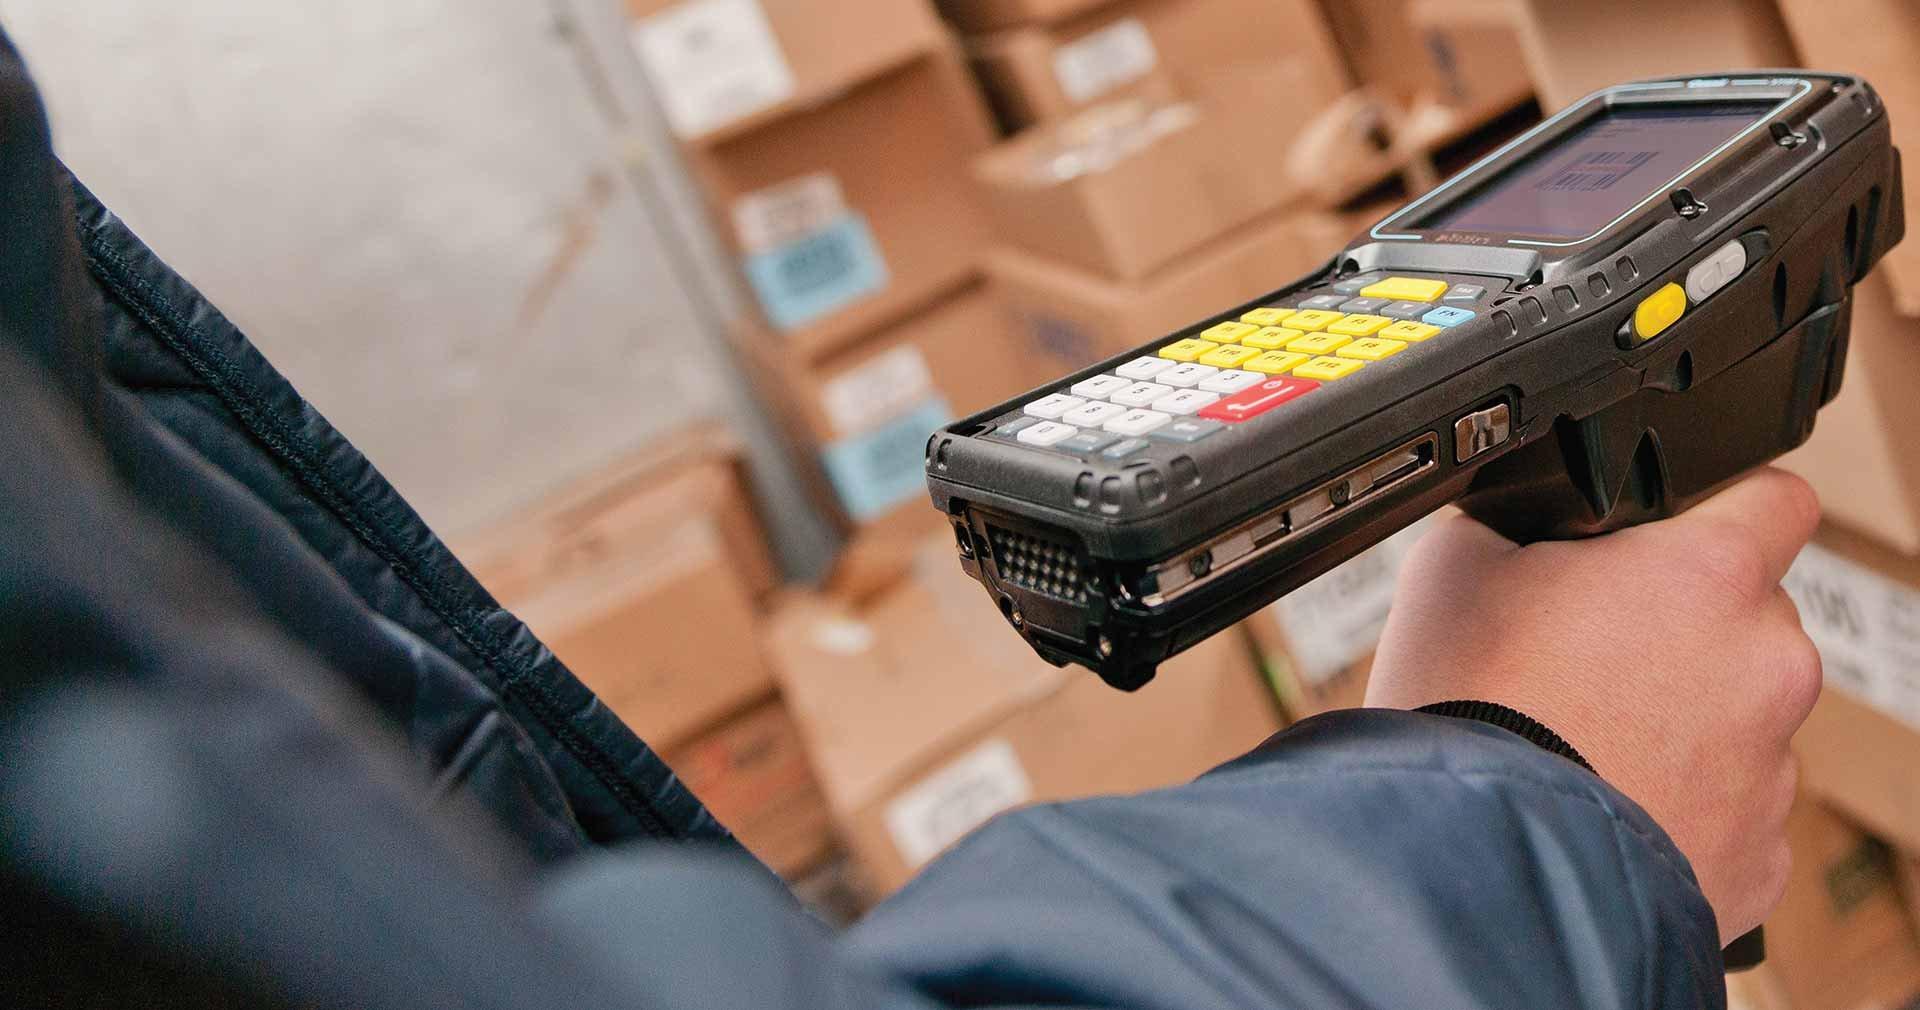 Großhandel & Lager MDE Geräte